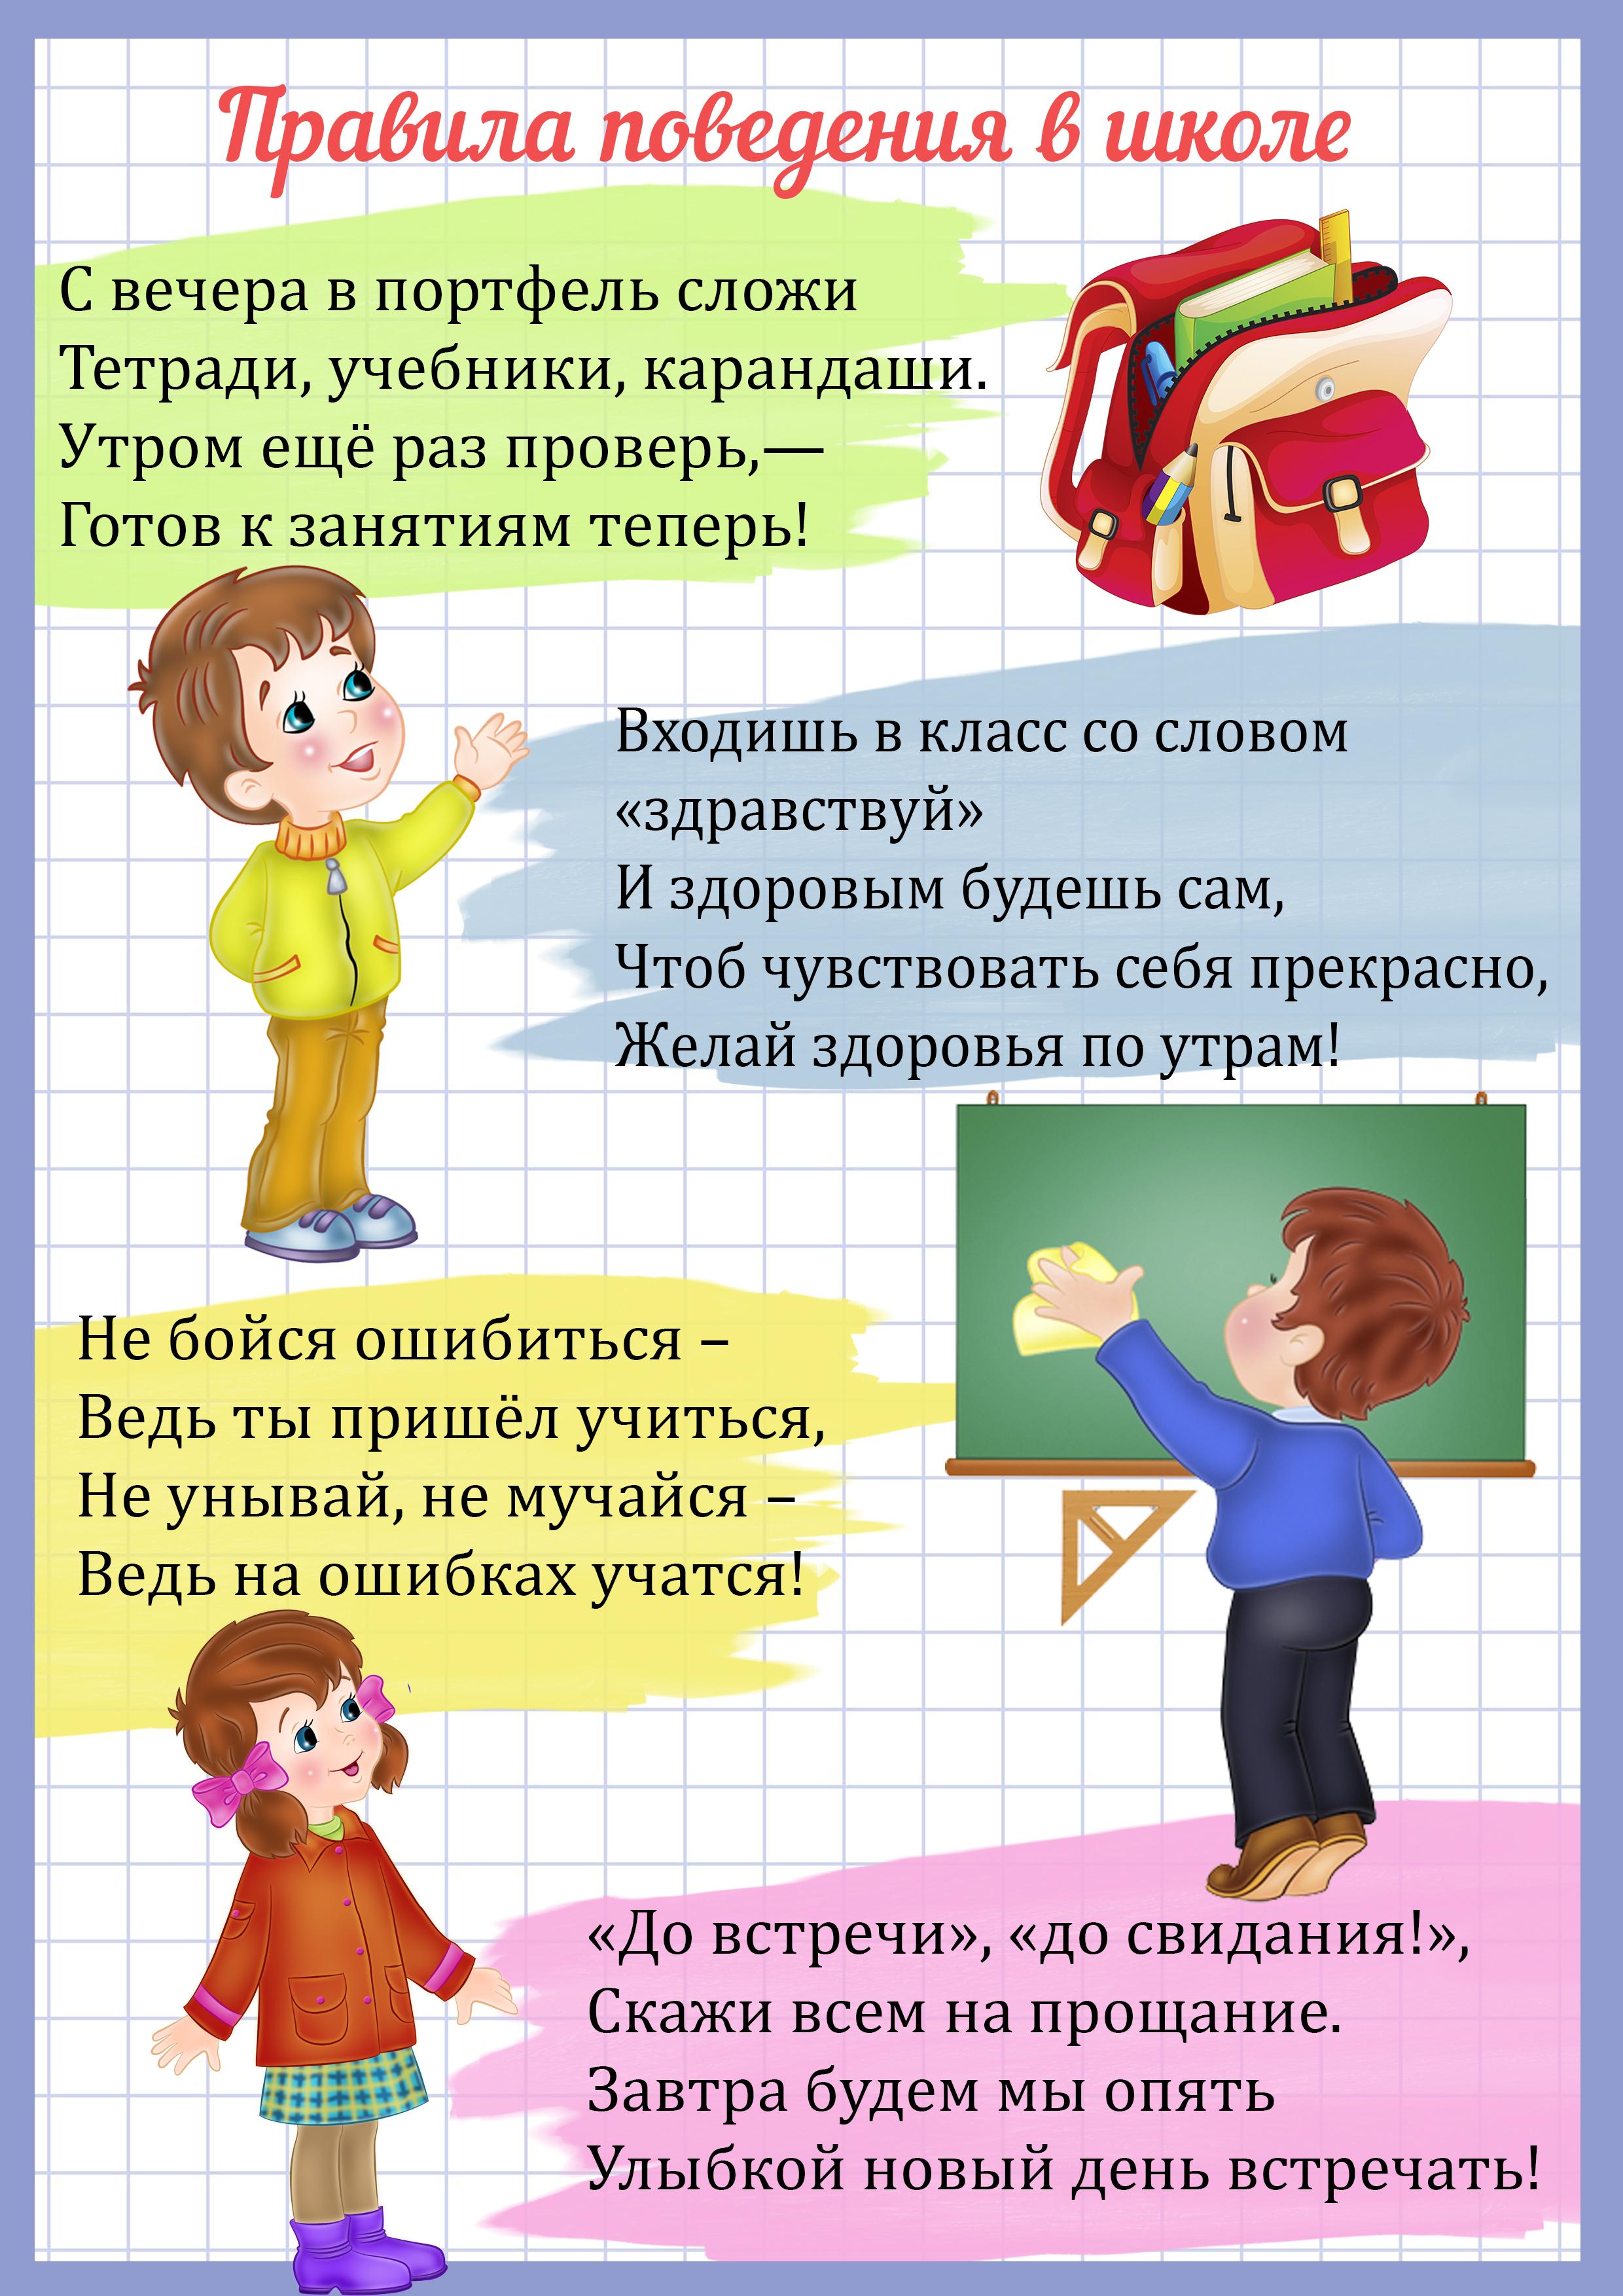 Правила поведения учеников на уроке в картинках